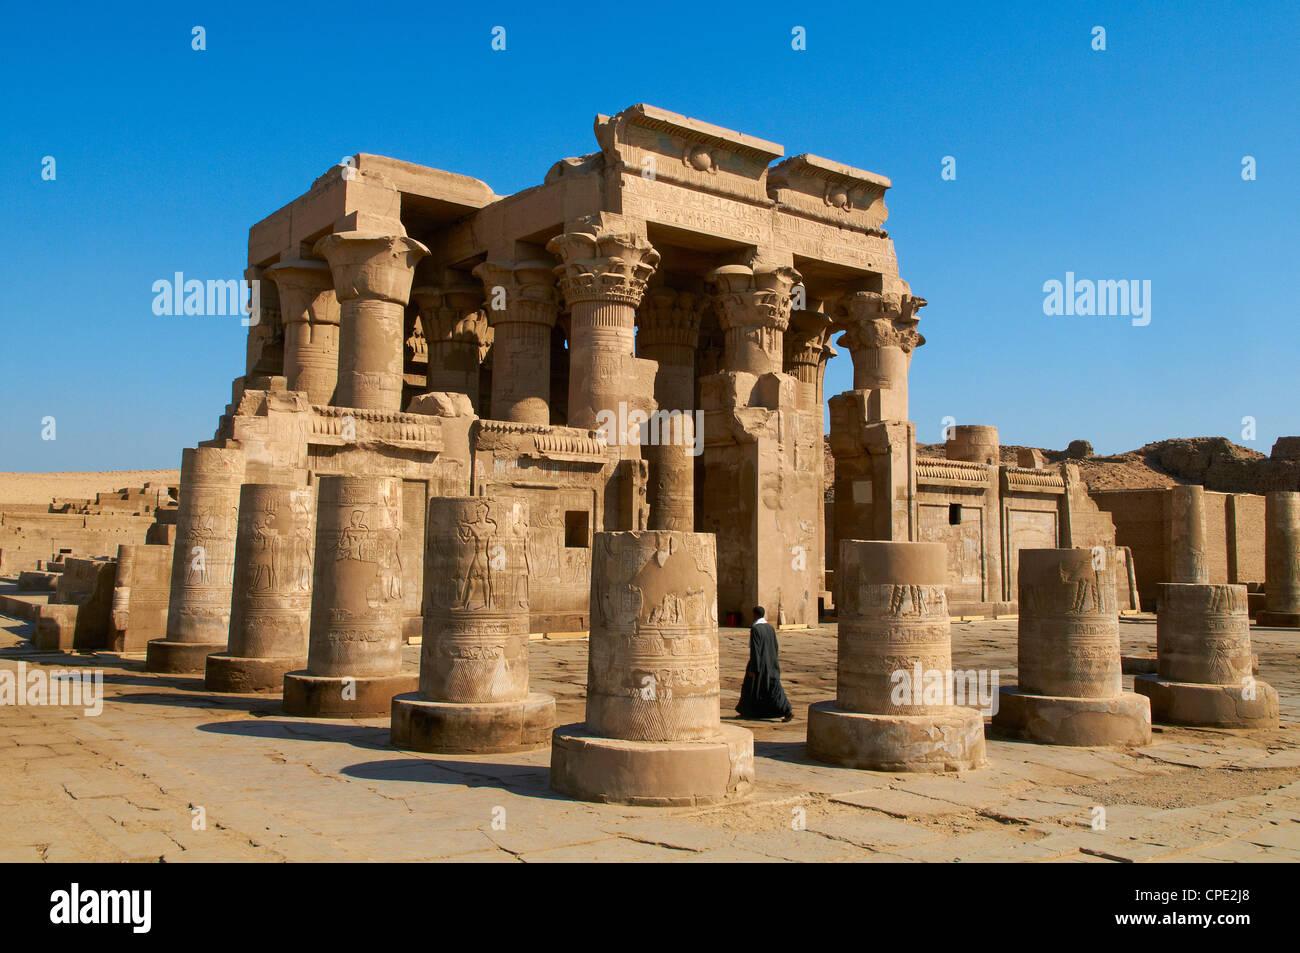 Templo de Sobek y Haroeris, Kom Ombo, Egipto, el Norte de África, África Imagen De Stock